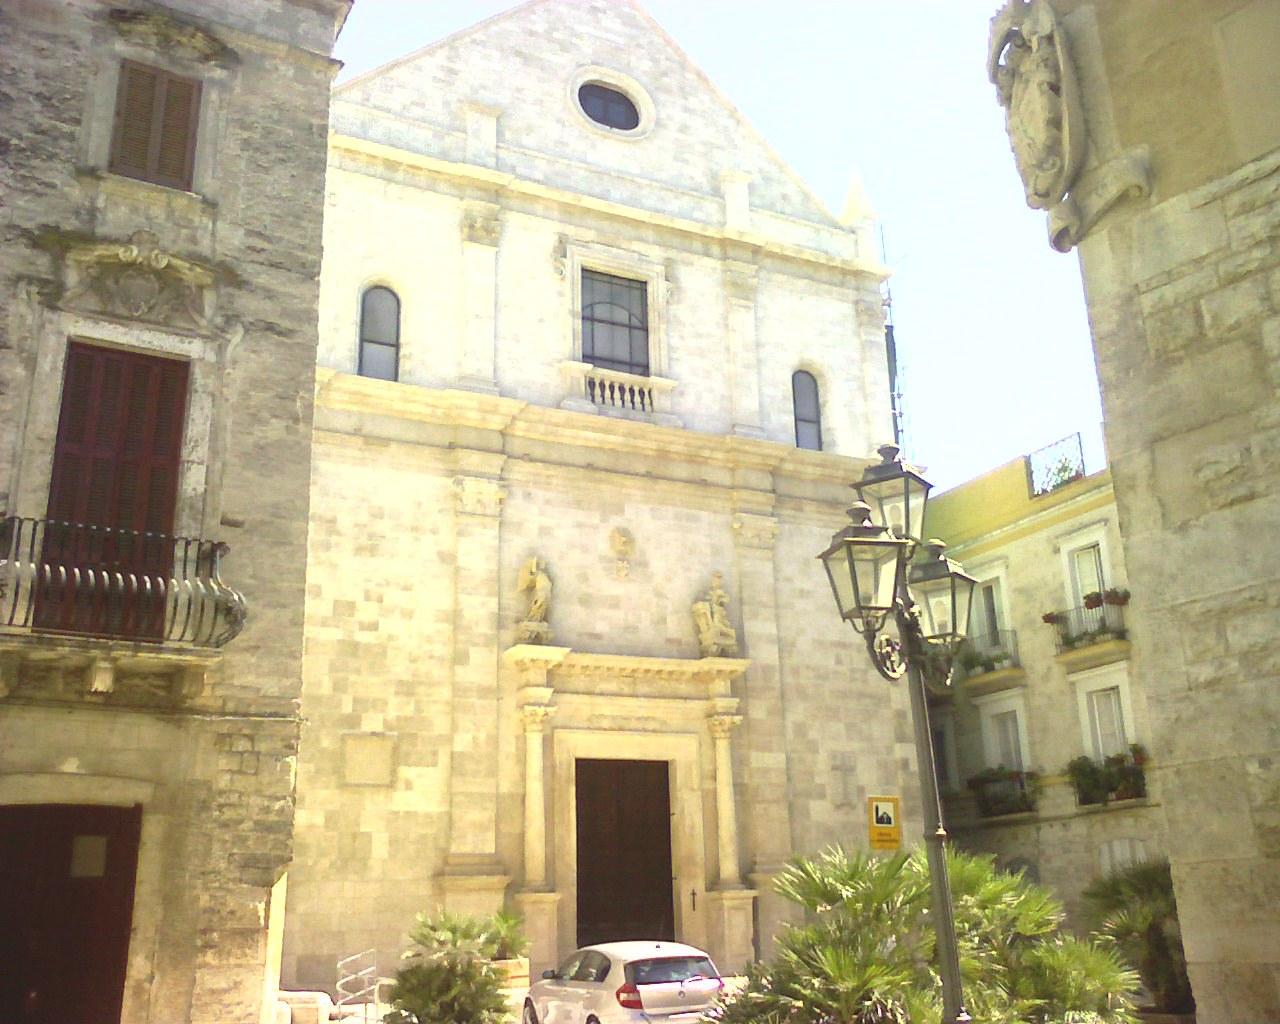 Chiesa Di Maria Santissima Annunziata Modugno Wikipedia